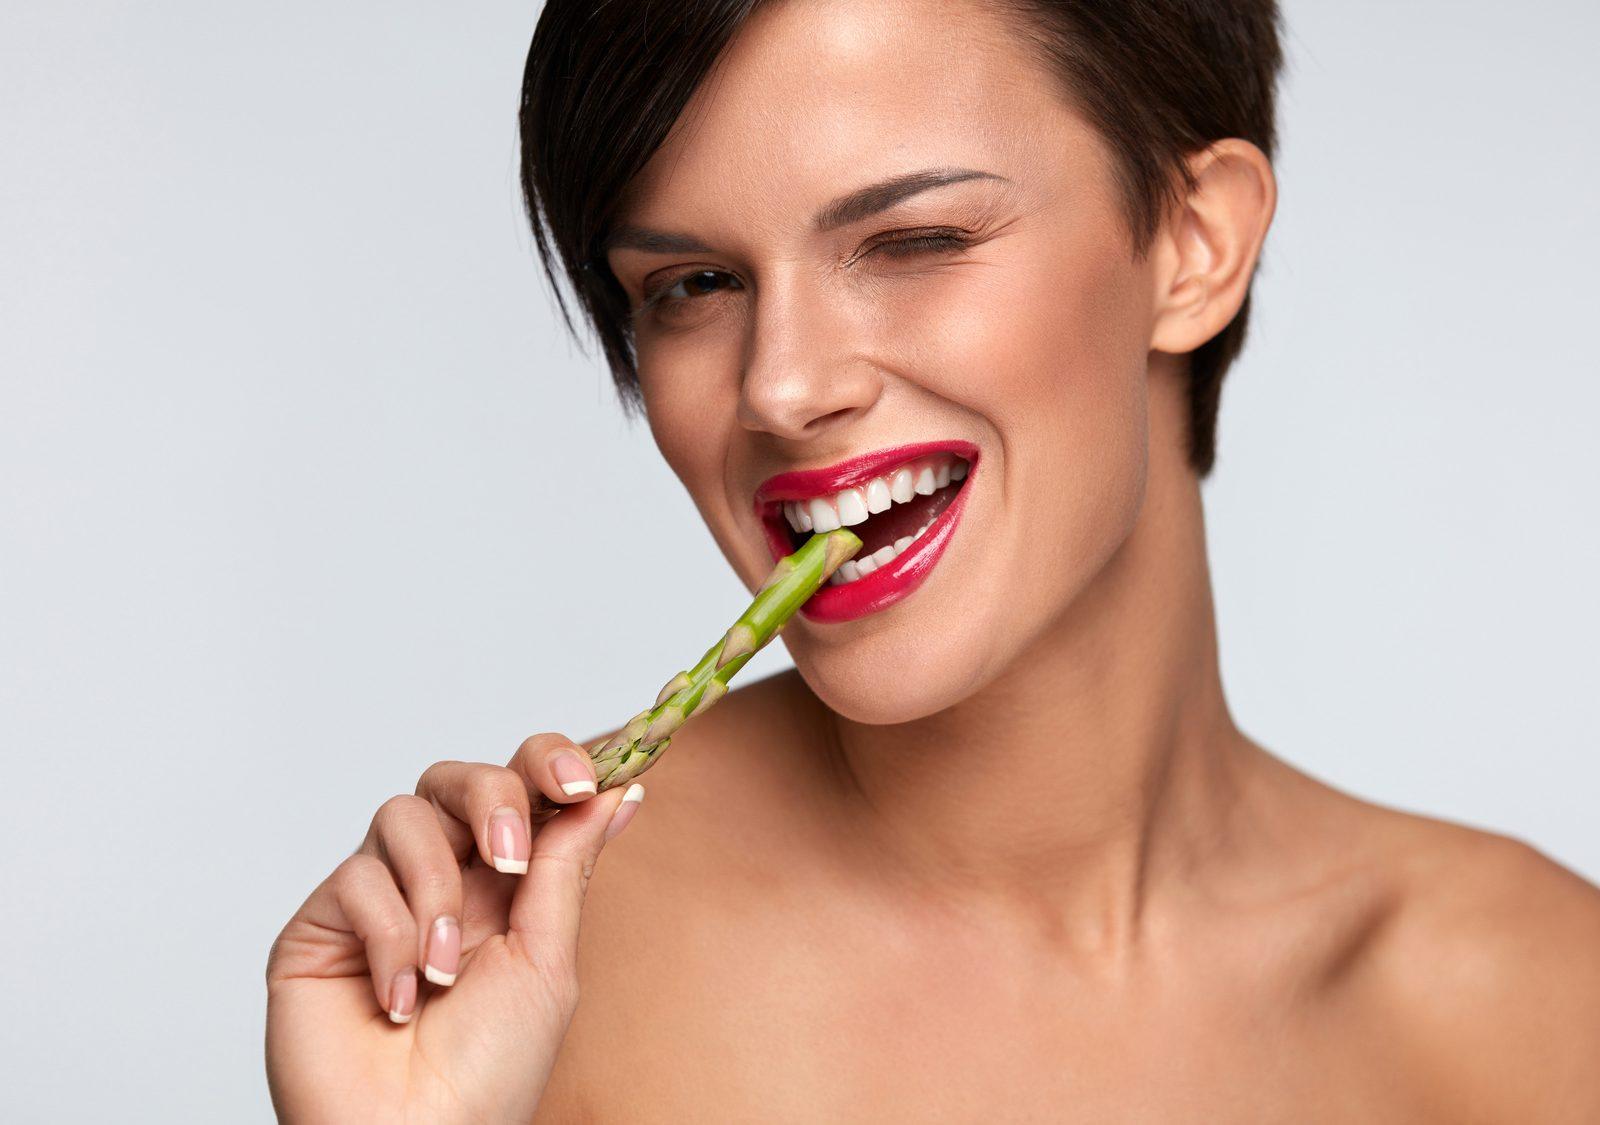 美肌も美やせも手に入れる!「春野菜」罪悪感ゼロのおつまみ3